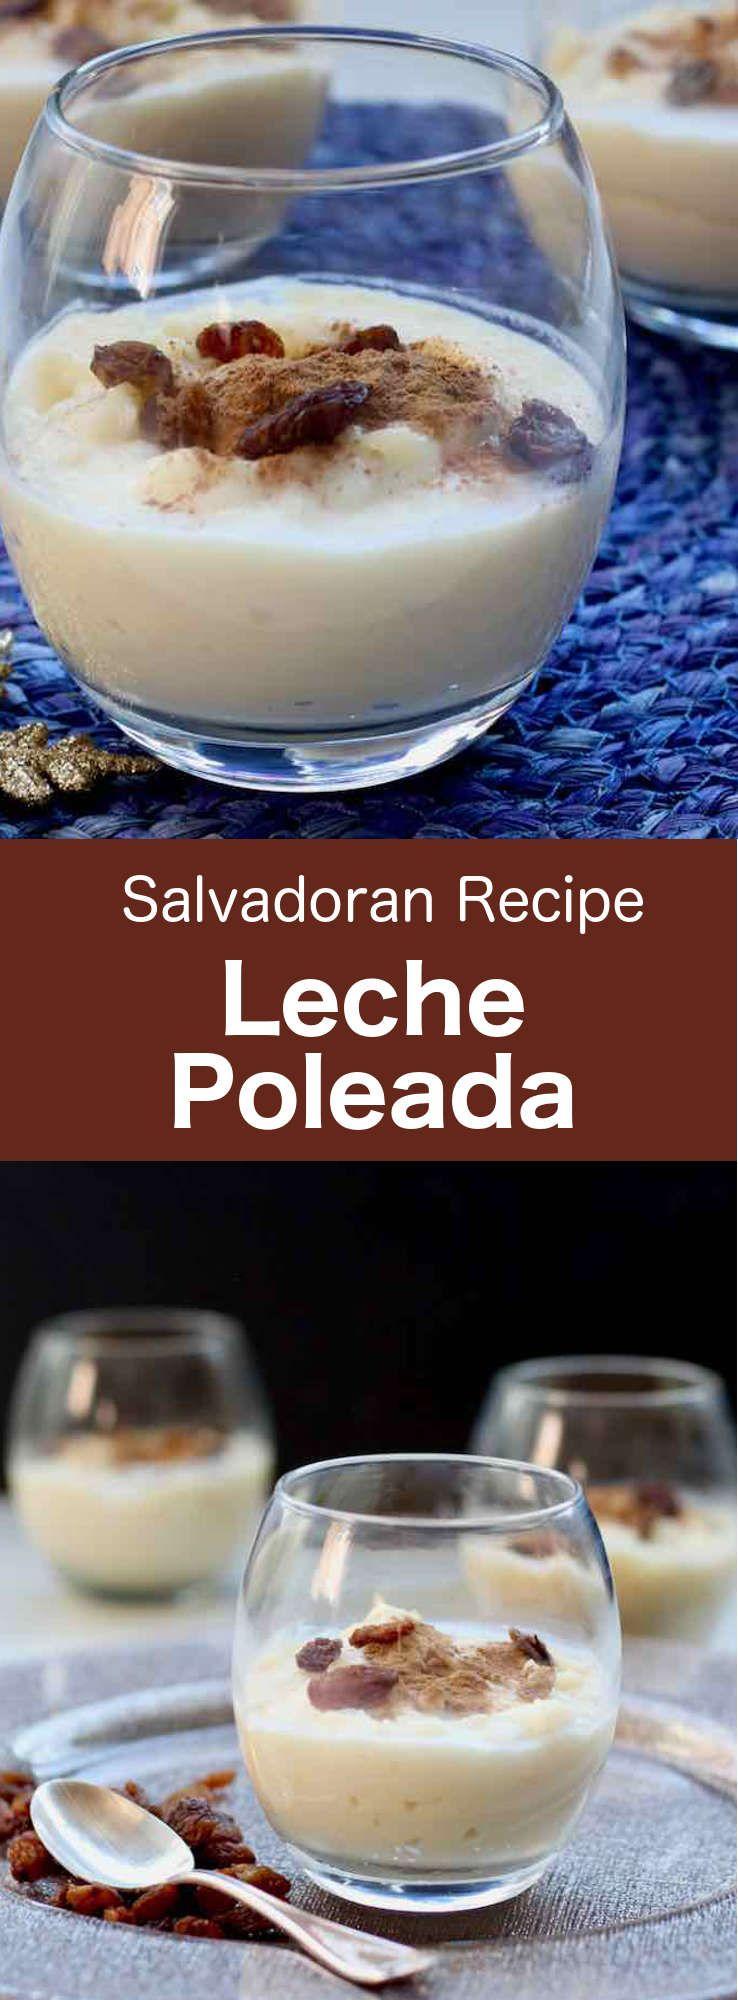 El Salvador : Leche Poleada